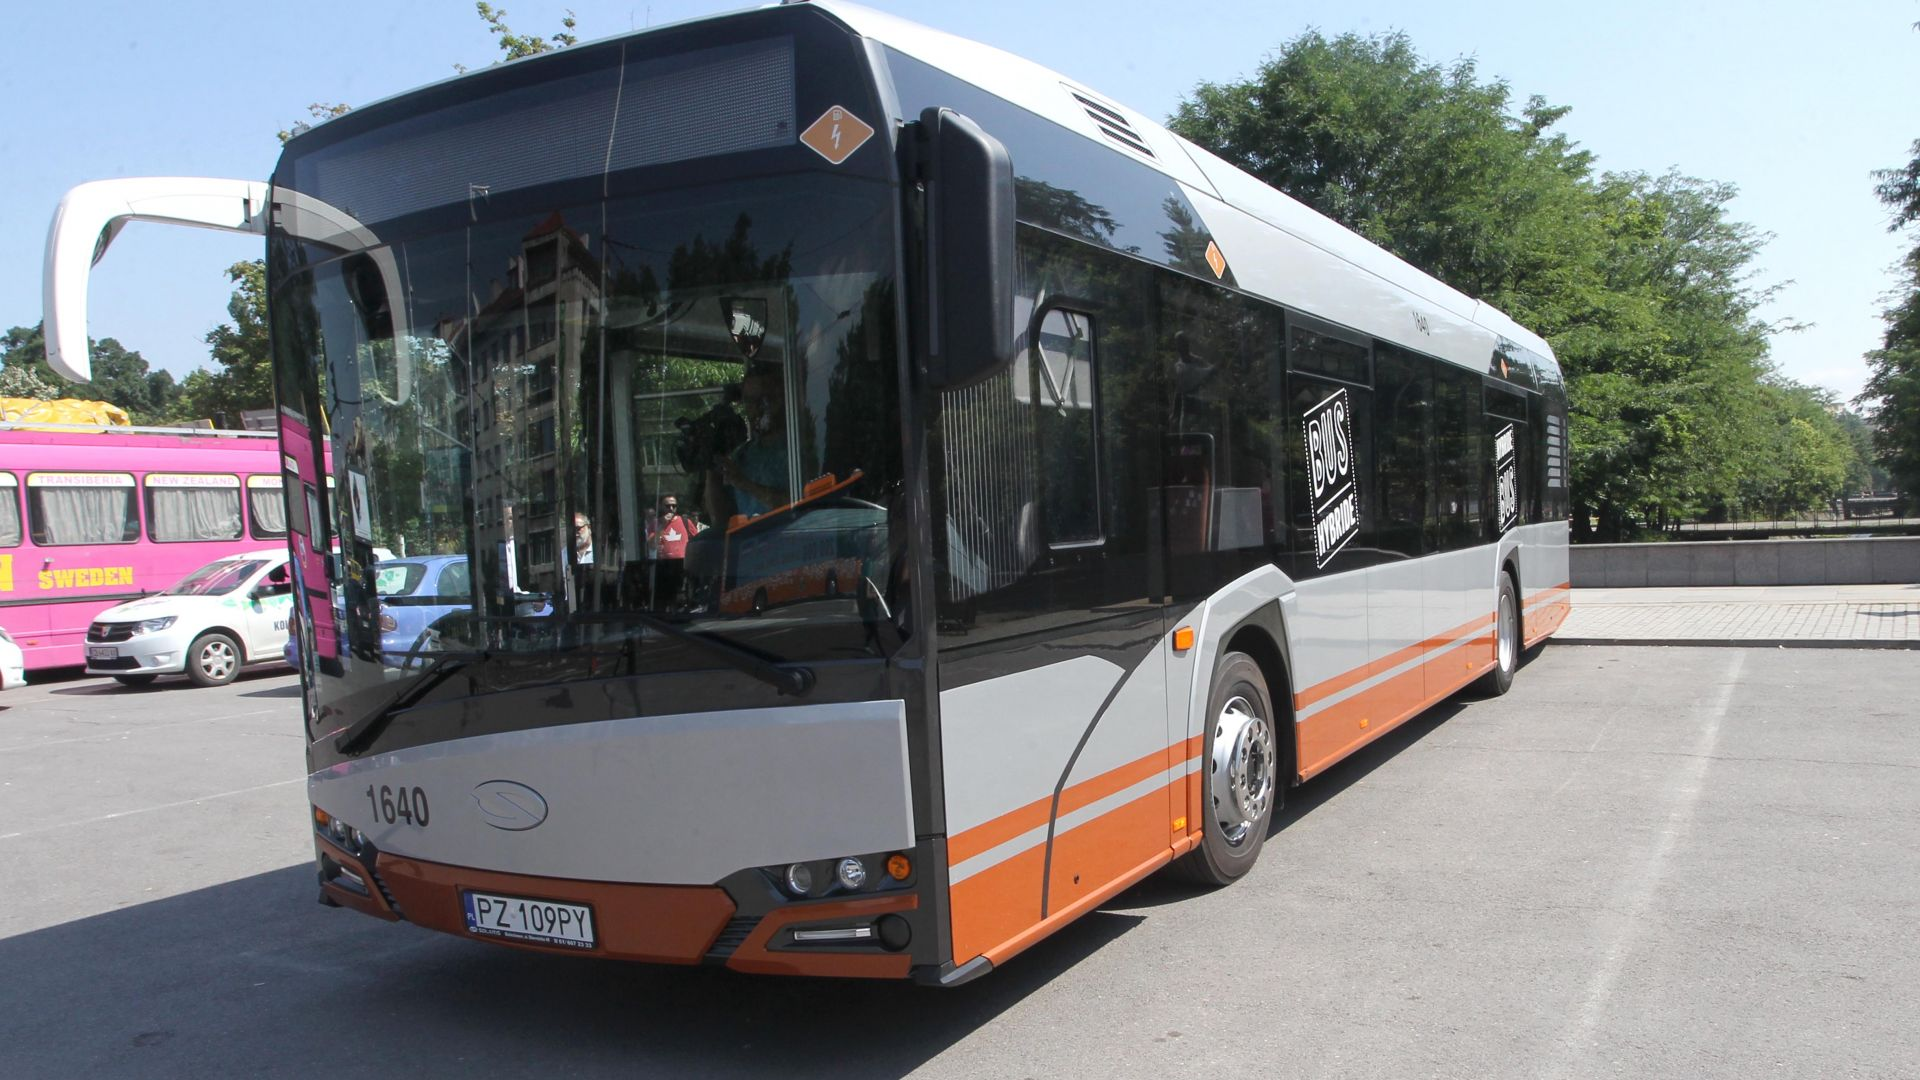 Тръгва нов хибриден автобус в София